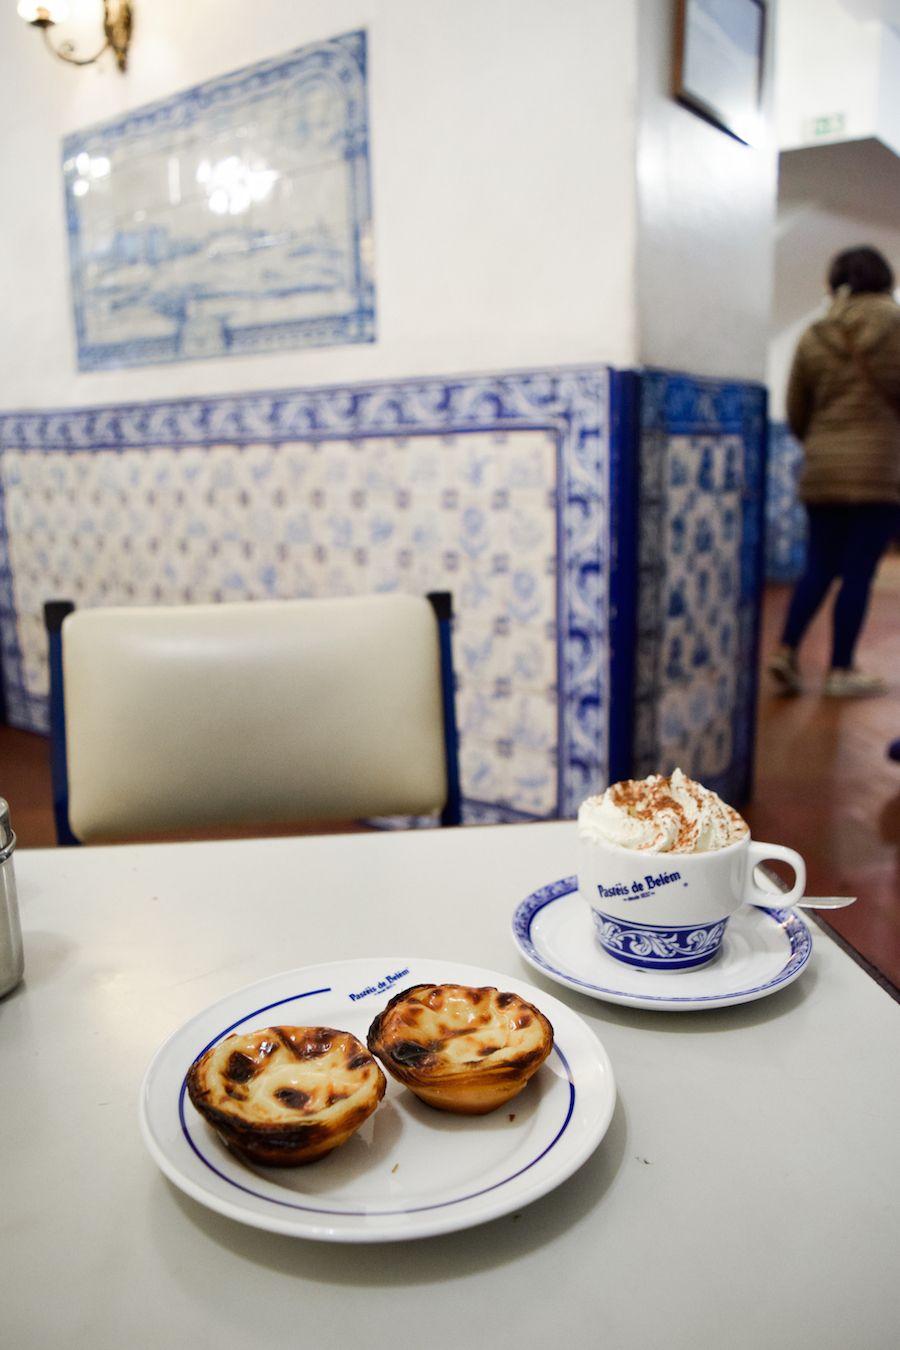 Cappuccino and Pastel de Nata, Pasteis de Belém, Lisbon, Portugal